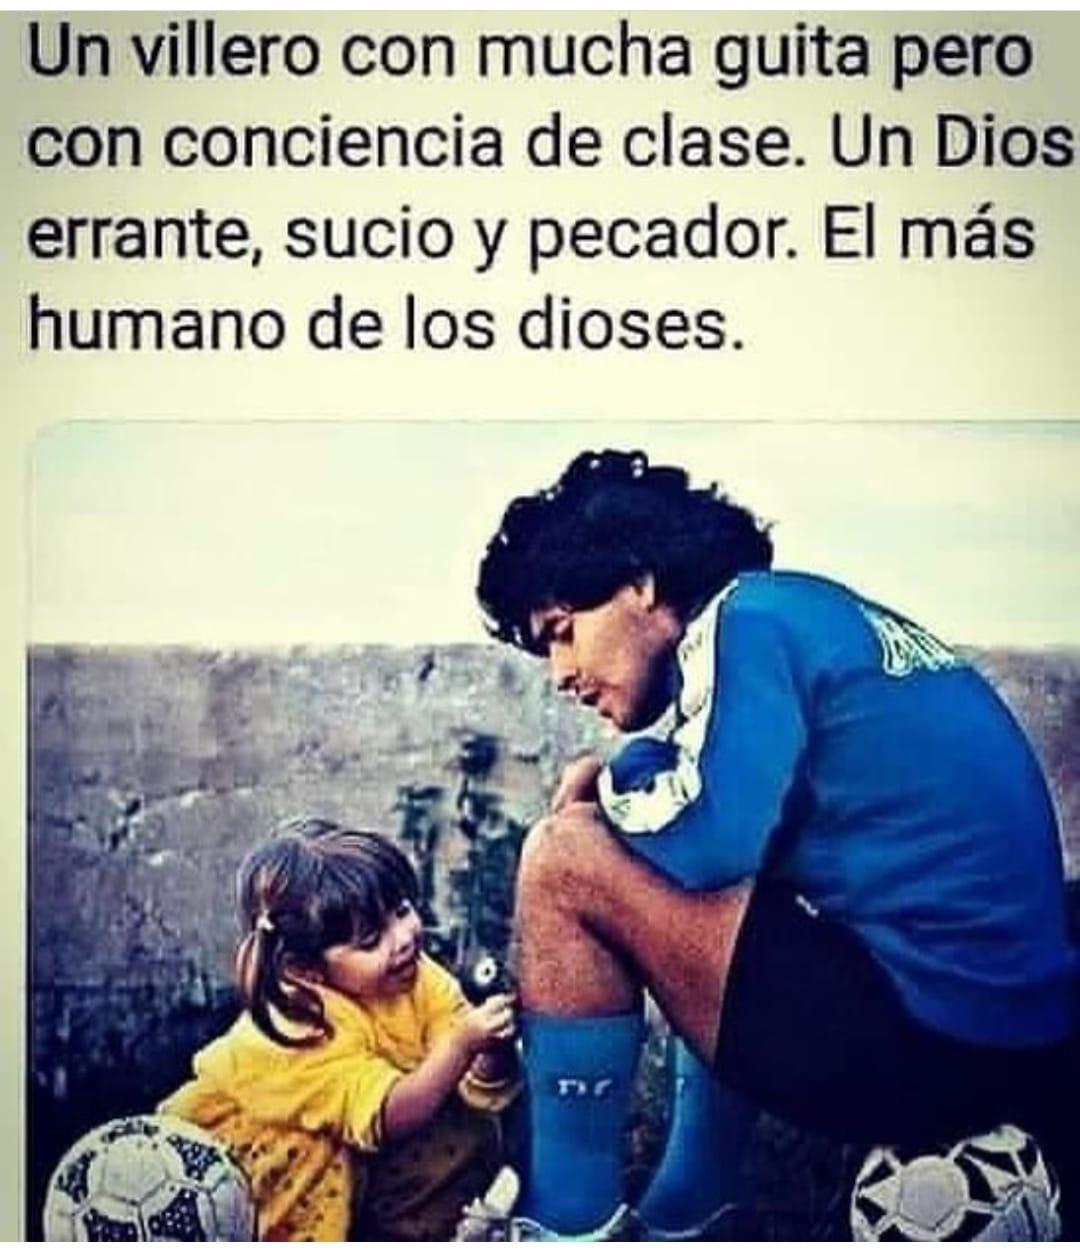 """Diego Armando Maradona, 25 de noviembre de 2020: el día que nació el MITO.  FOTO de Diego Armando Maradona con una niña pequeña y humilde. Tiene un texto que dice:  """"Un villero con mucha guita pero con conciencia de clase. Un Dios errante, sucio y pecador. El más humano de los dioses."""